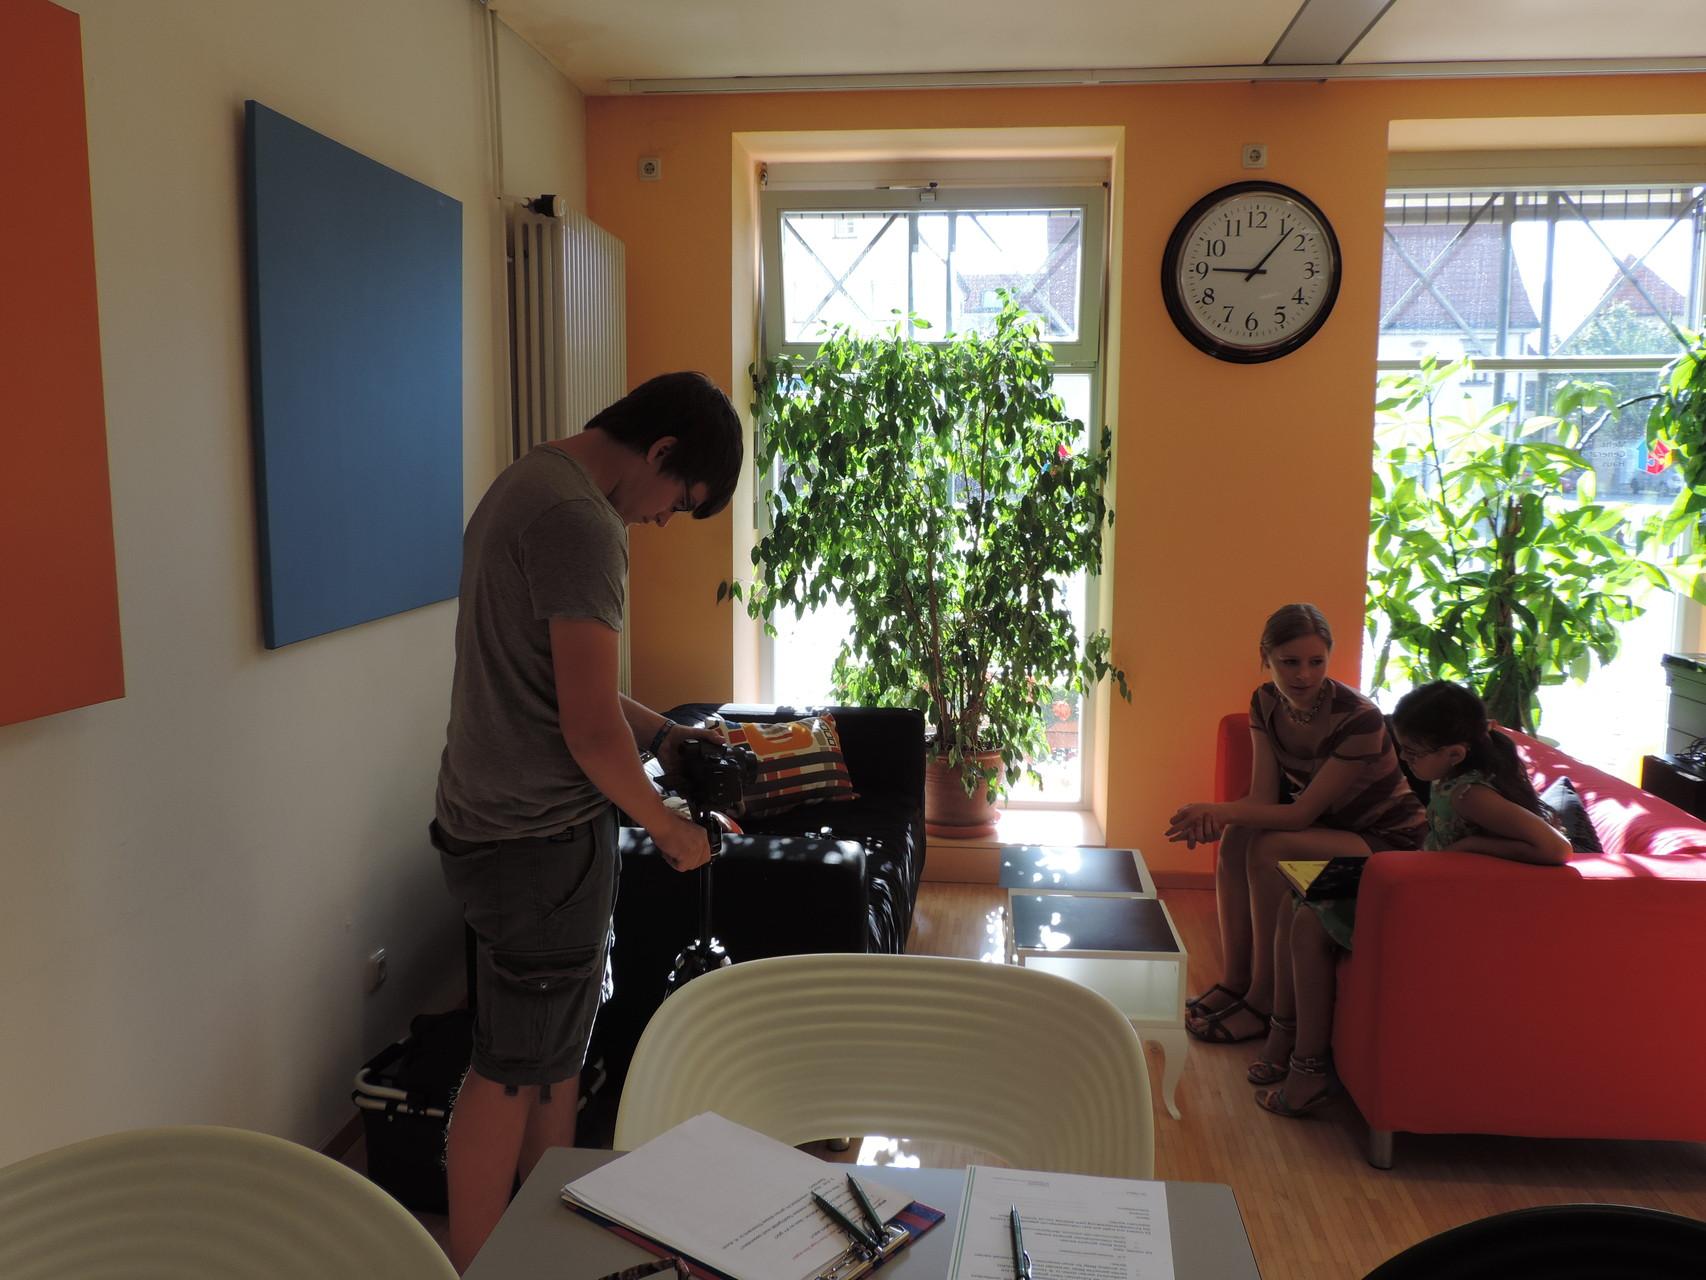 Auch unser Kooperationspartner, das Mehrgenerationenhaus in Haßfurt, gewährt über unsere Aktion Einblicke in seine Arbeit